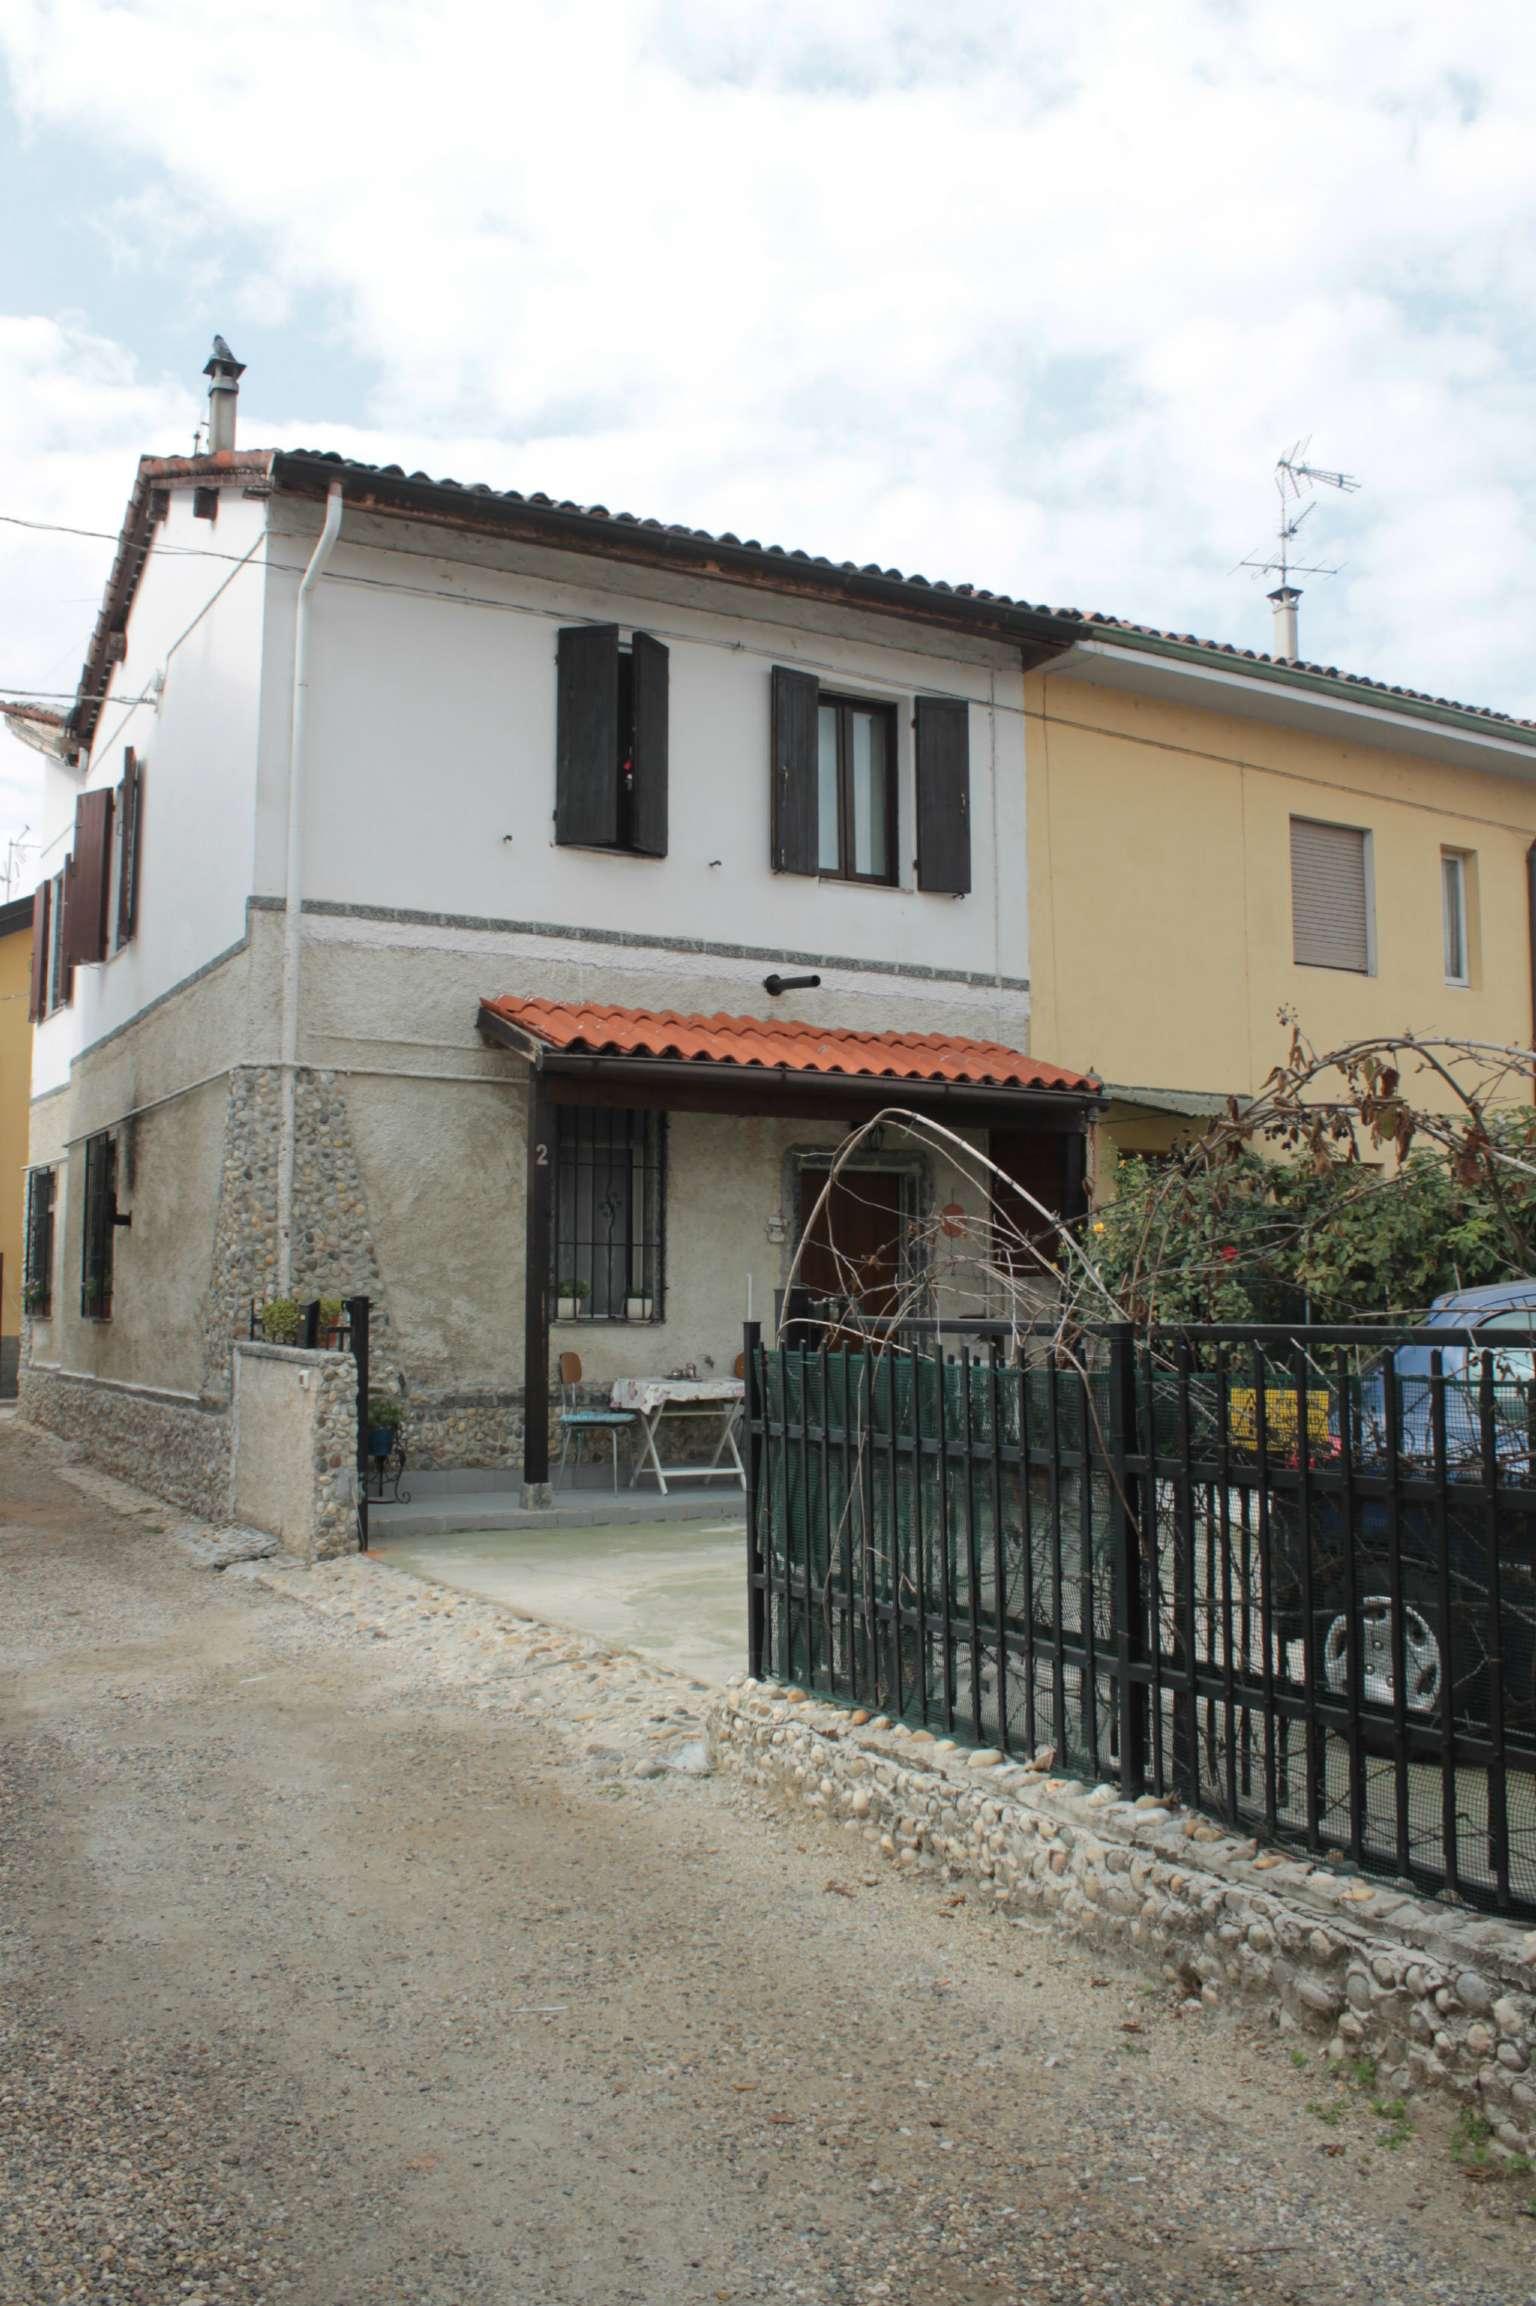 Villa a Schiera in vendita a Gropello Cairoli, 3 locali, prezzo € 105.000 | PortaleAgenzieImmobiliari.it